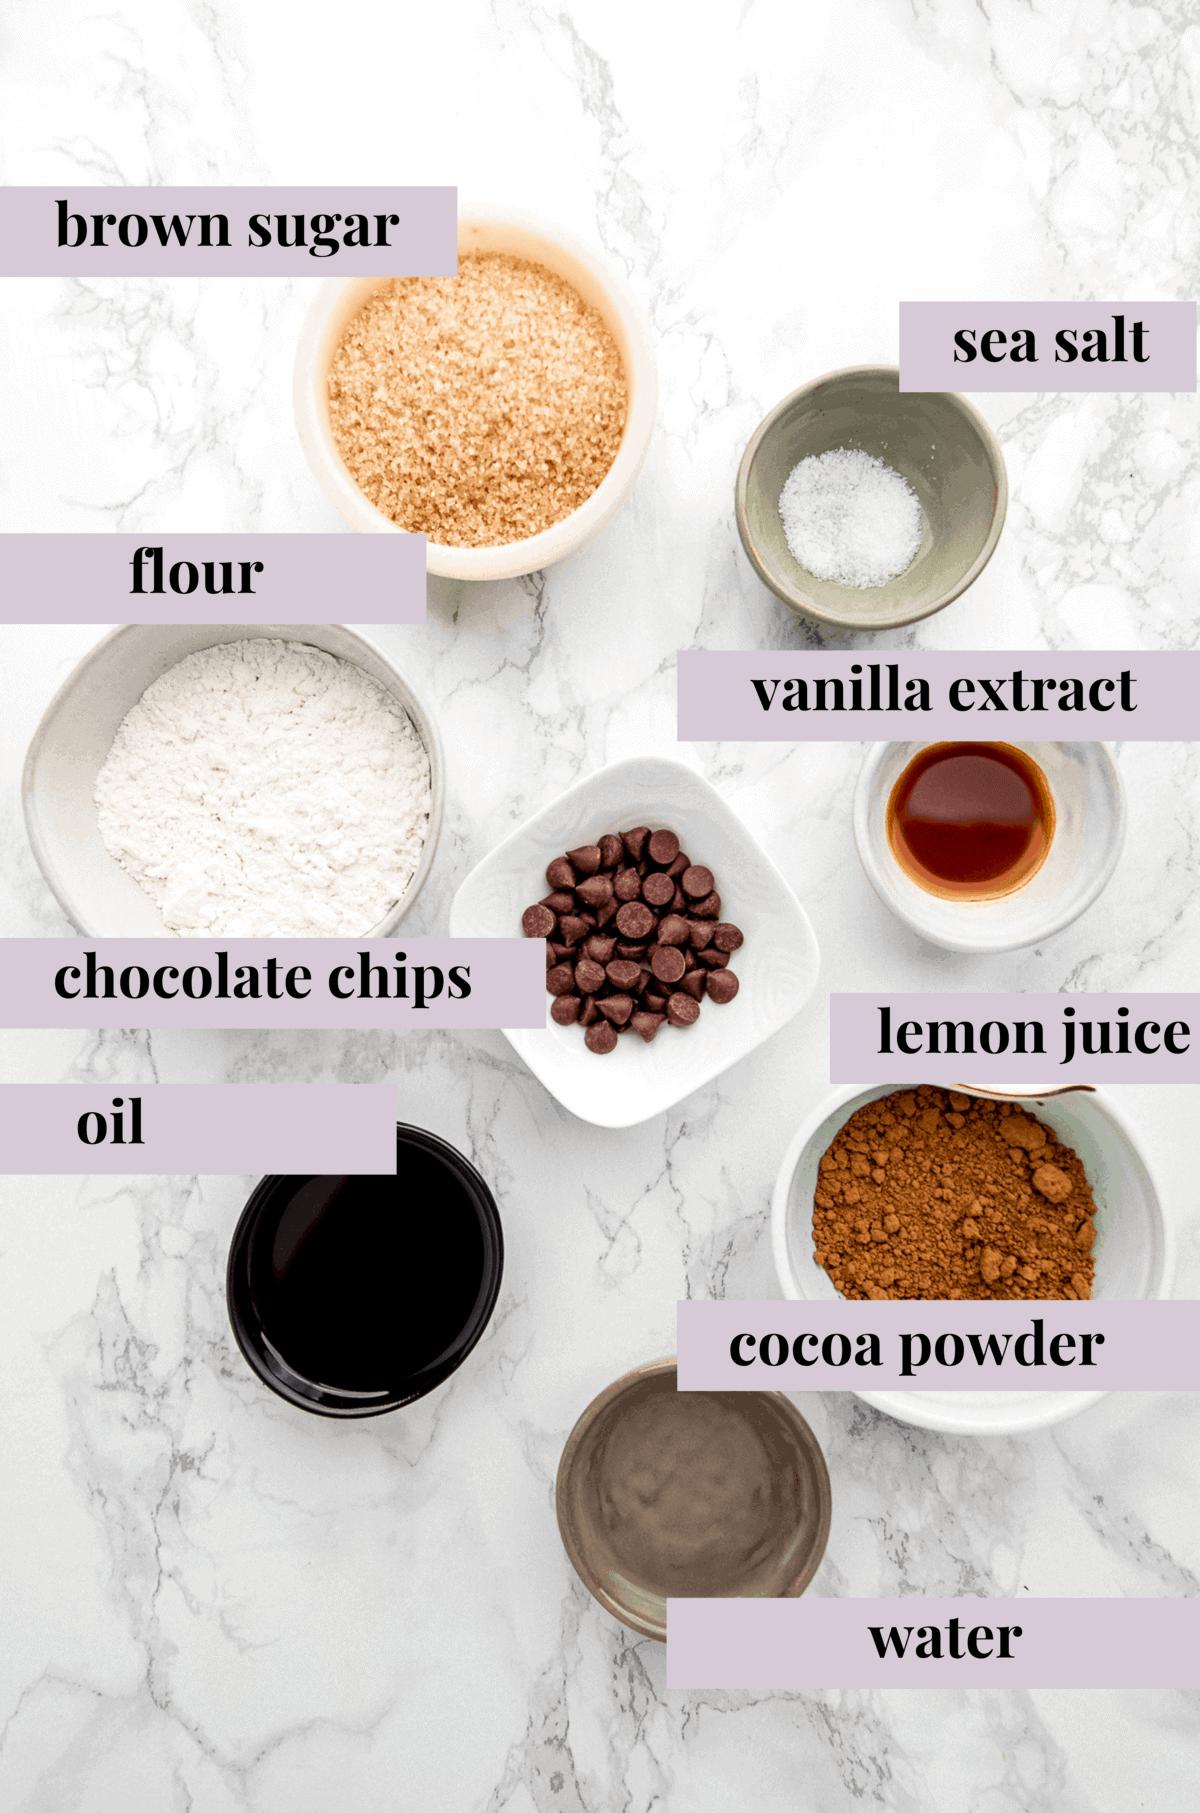 Ingredients for a mug brownie.